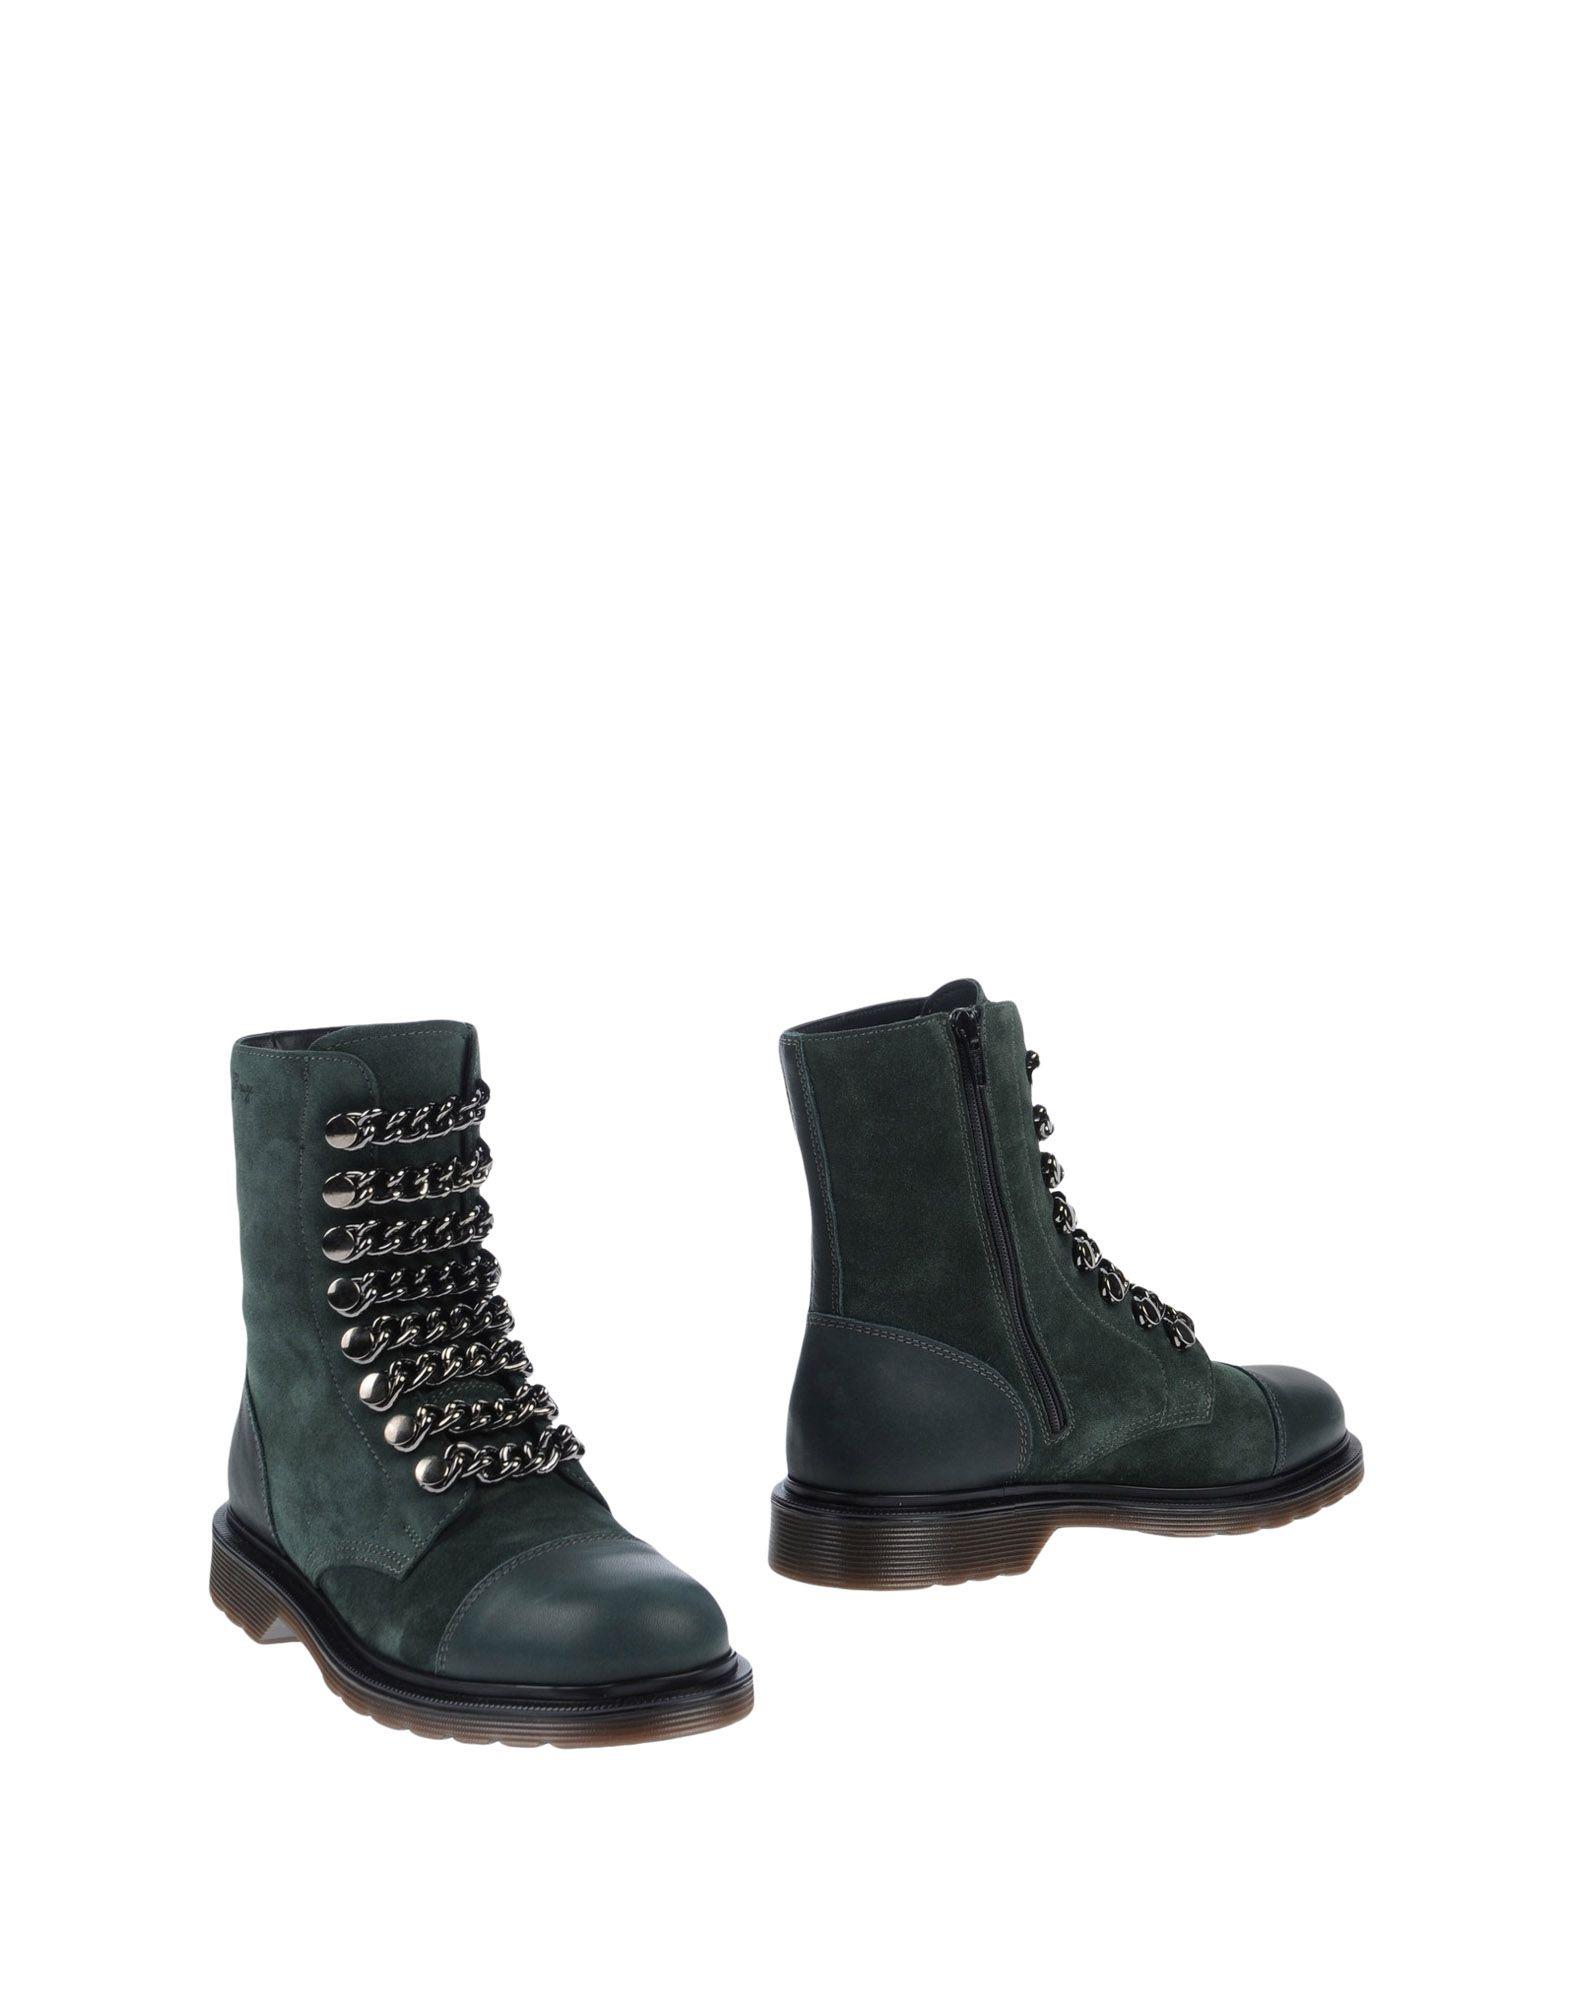 Sneakers Bikkembergs Uomo - 11520786QI Scarpe economiche e buone